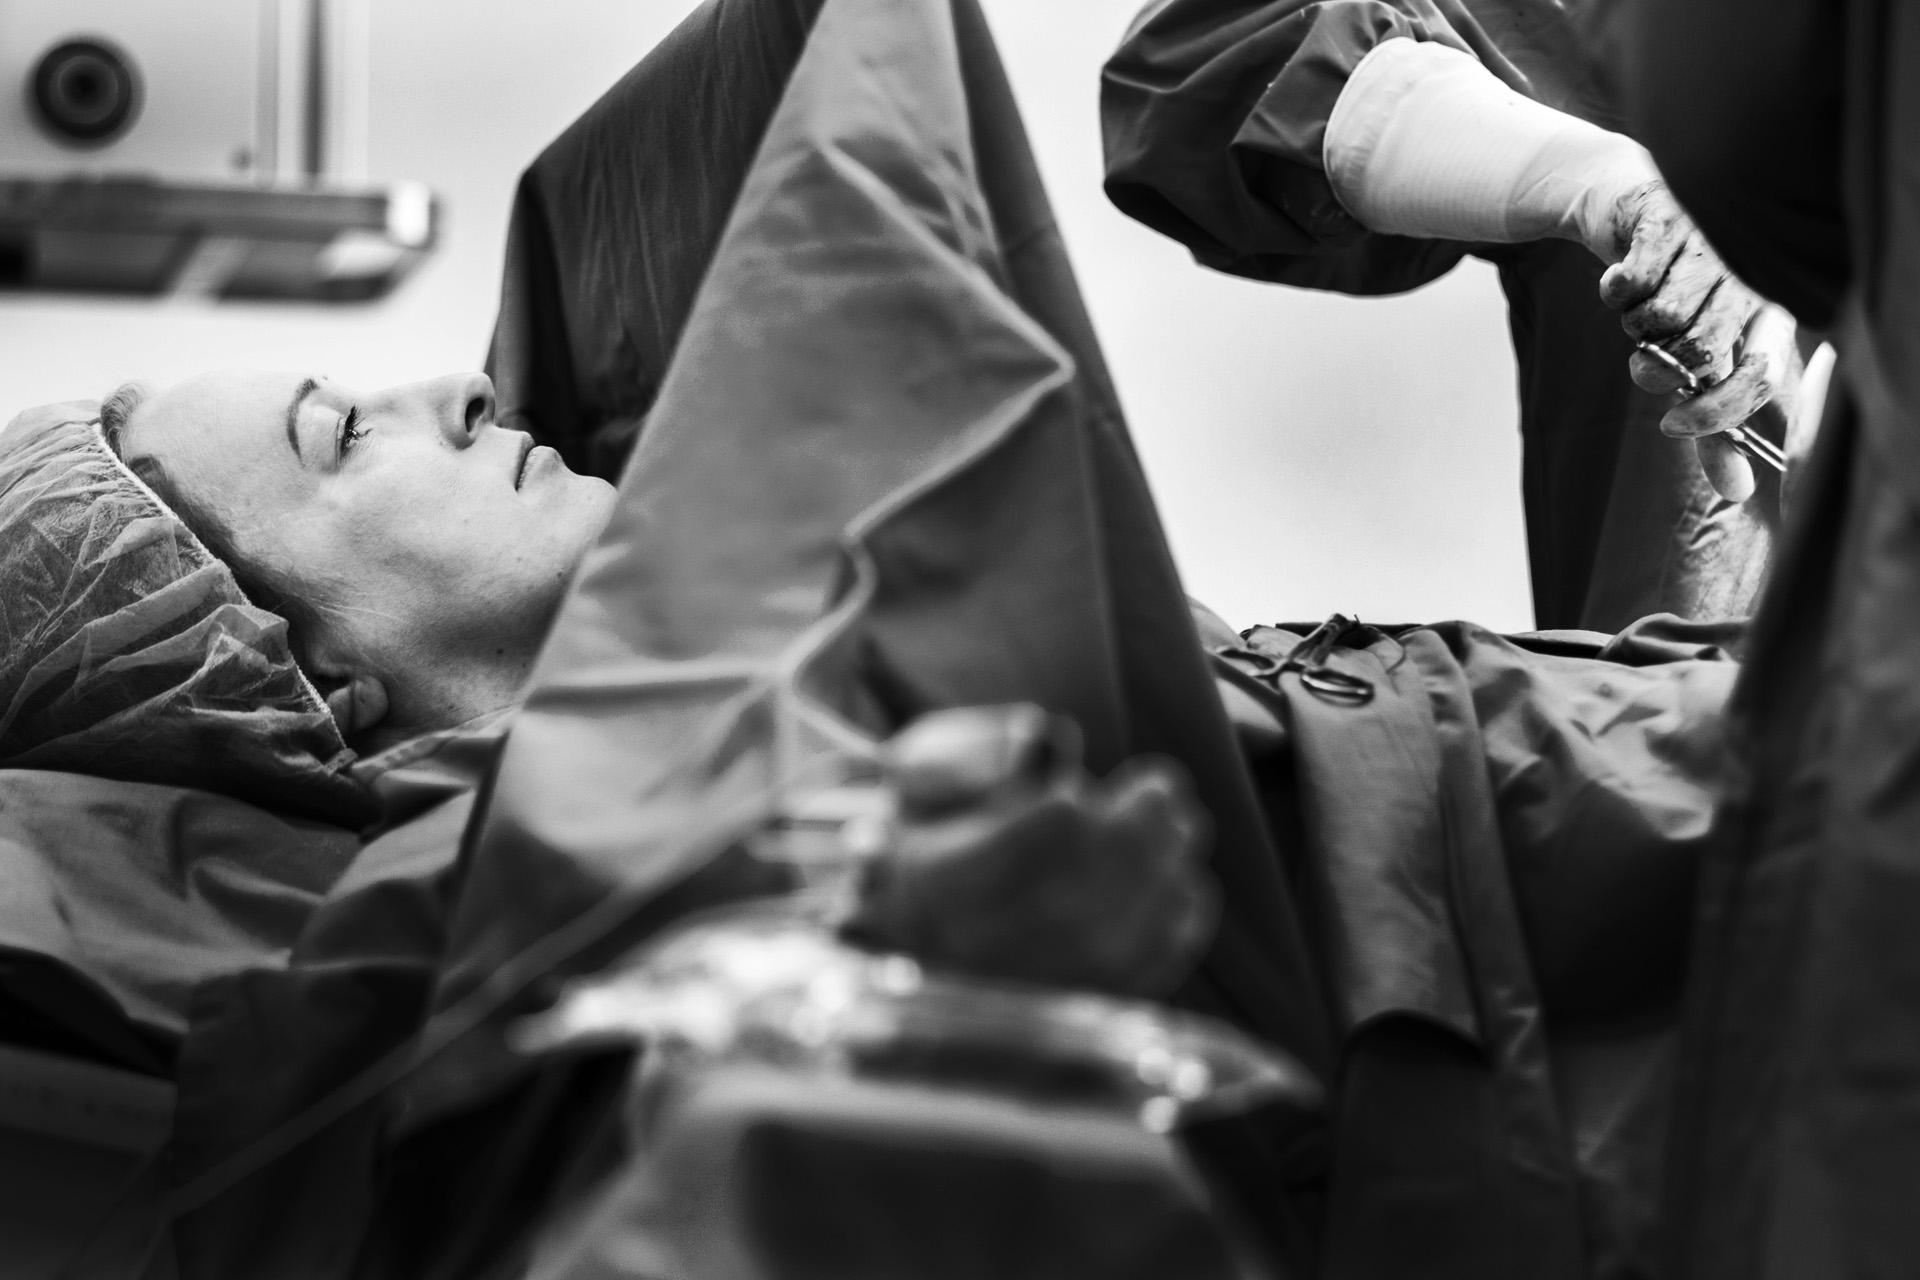 Tina | Po cisárskom reze. Dievčatko už bolo na svete a v opatere zdravotného personálu. Matka ešte leží na stole, v jej tvári sa po dlhých deviatich mesiacoch – zatiaľ, čo ju lekári zašívajú – zobrazuje úľava. | Foto Igor Stančík